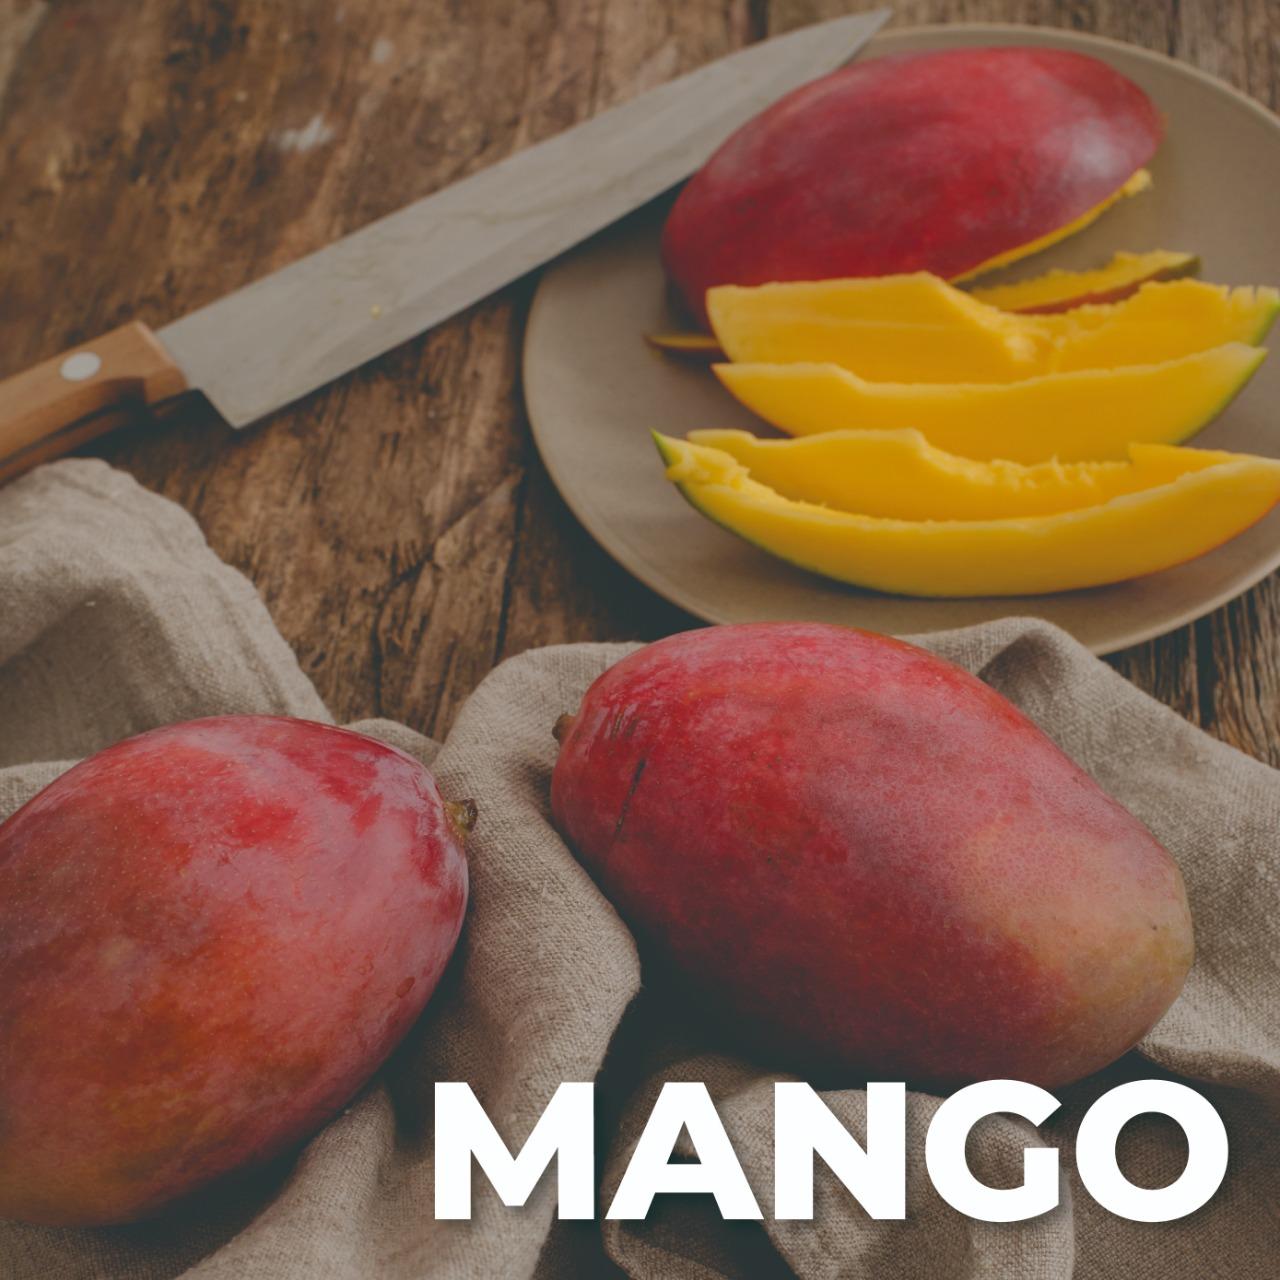 Un fruto muy común en México pero exótico y costoso en otros países